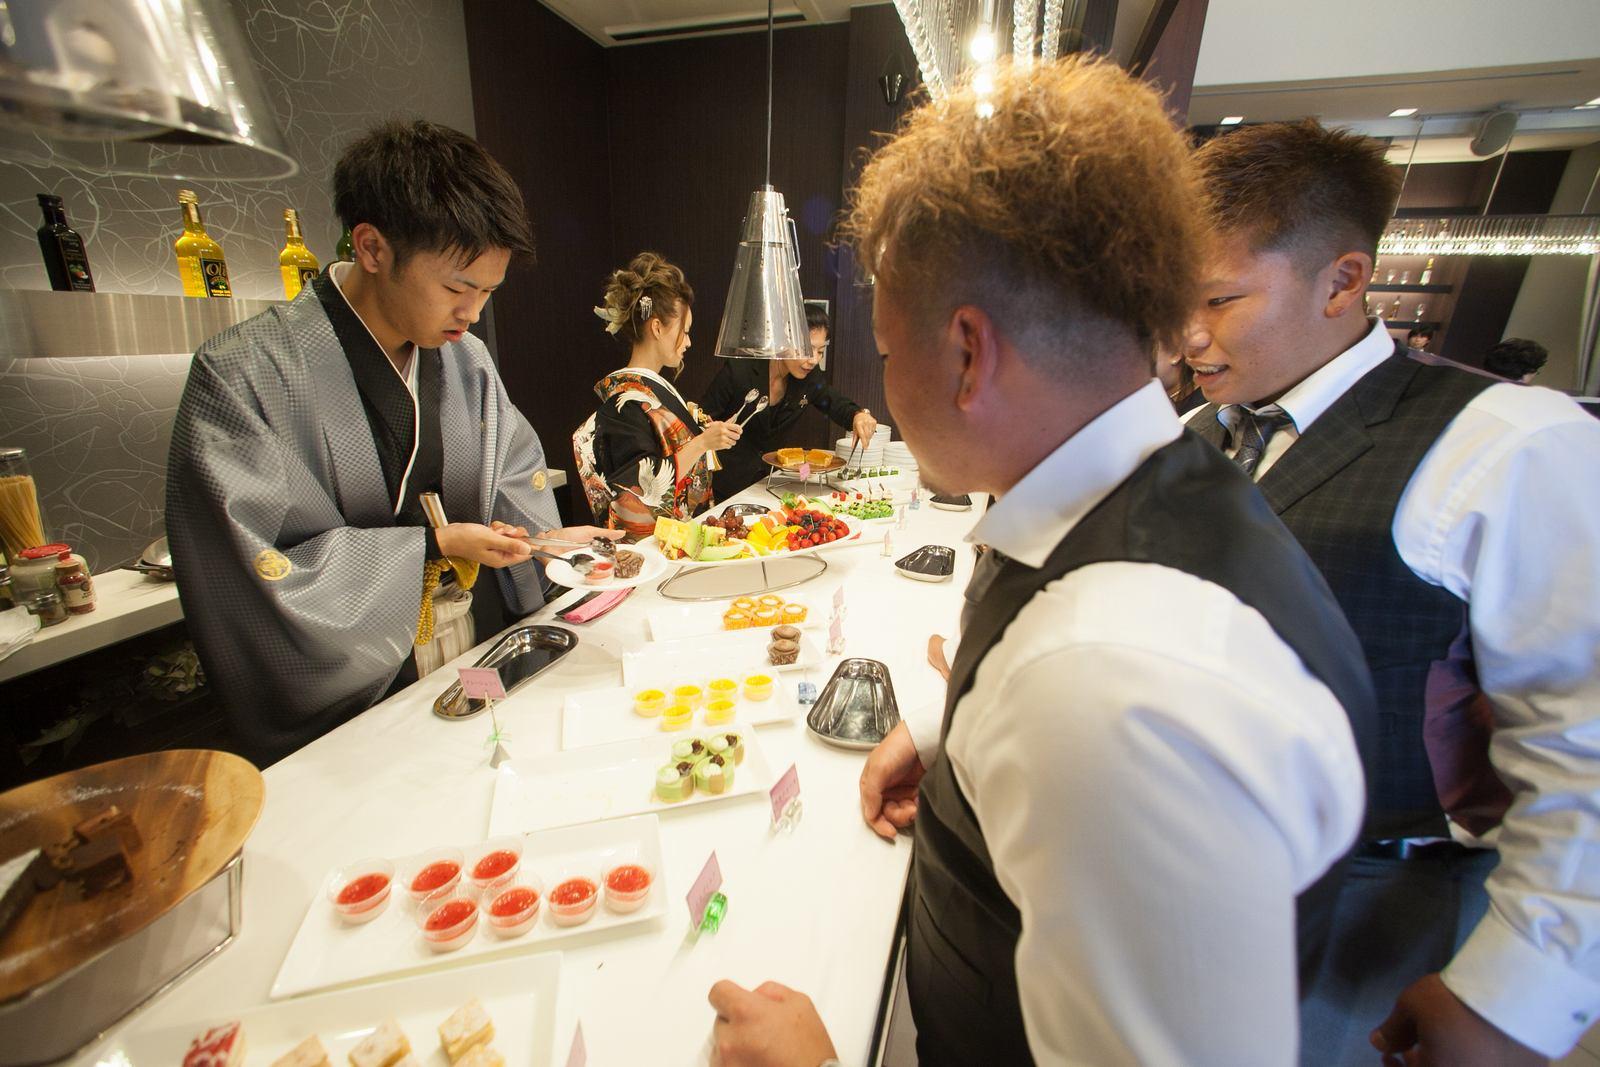 徳島市の結婚式場ブランアンジュで人気のデザートビュッフェを新郎新婦様からゲストへサービス